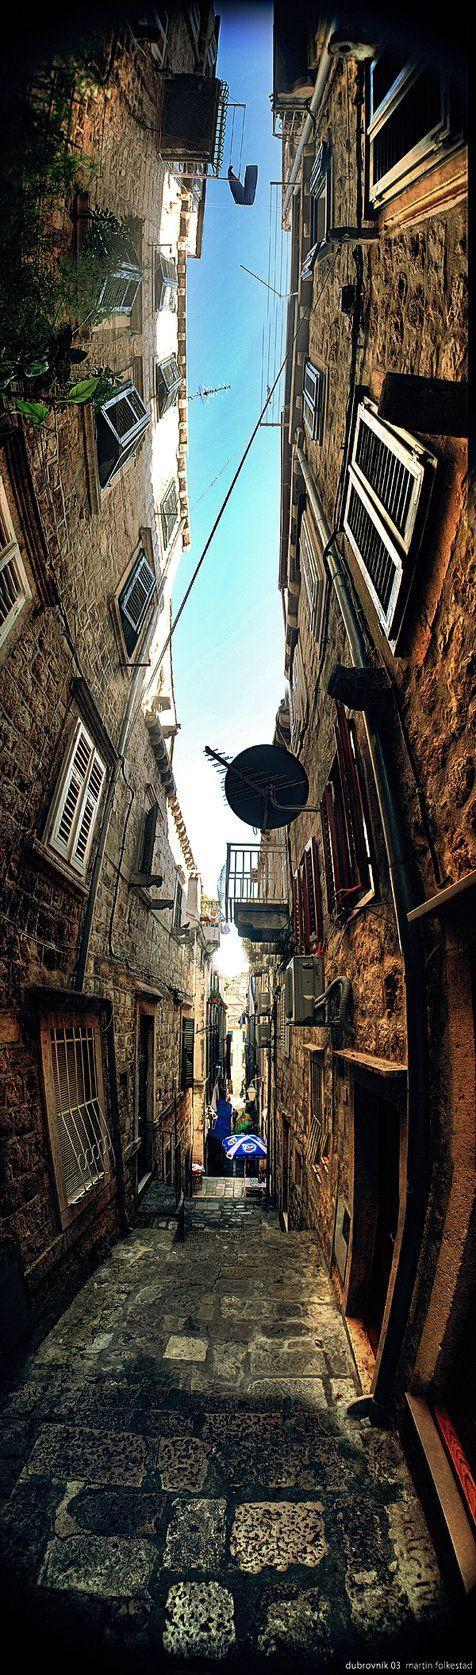 Croatia - Dubrovnik 03 by martinasdf on deviantART - http://terracetourist.com/croatia-dubrovnik-03-by-martinasdf-on-deviantart-10/